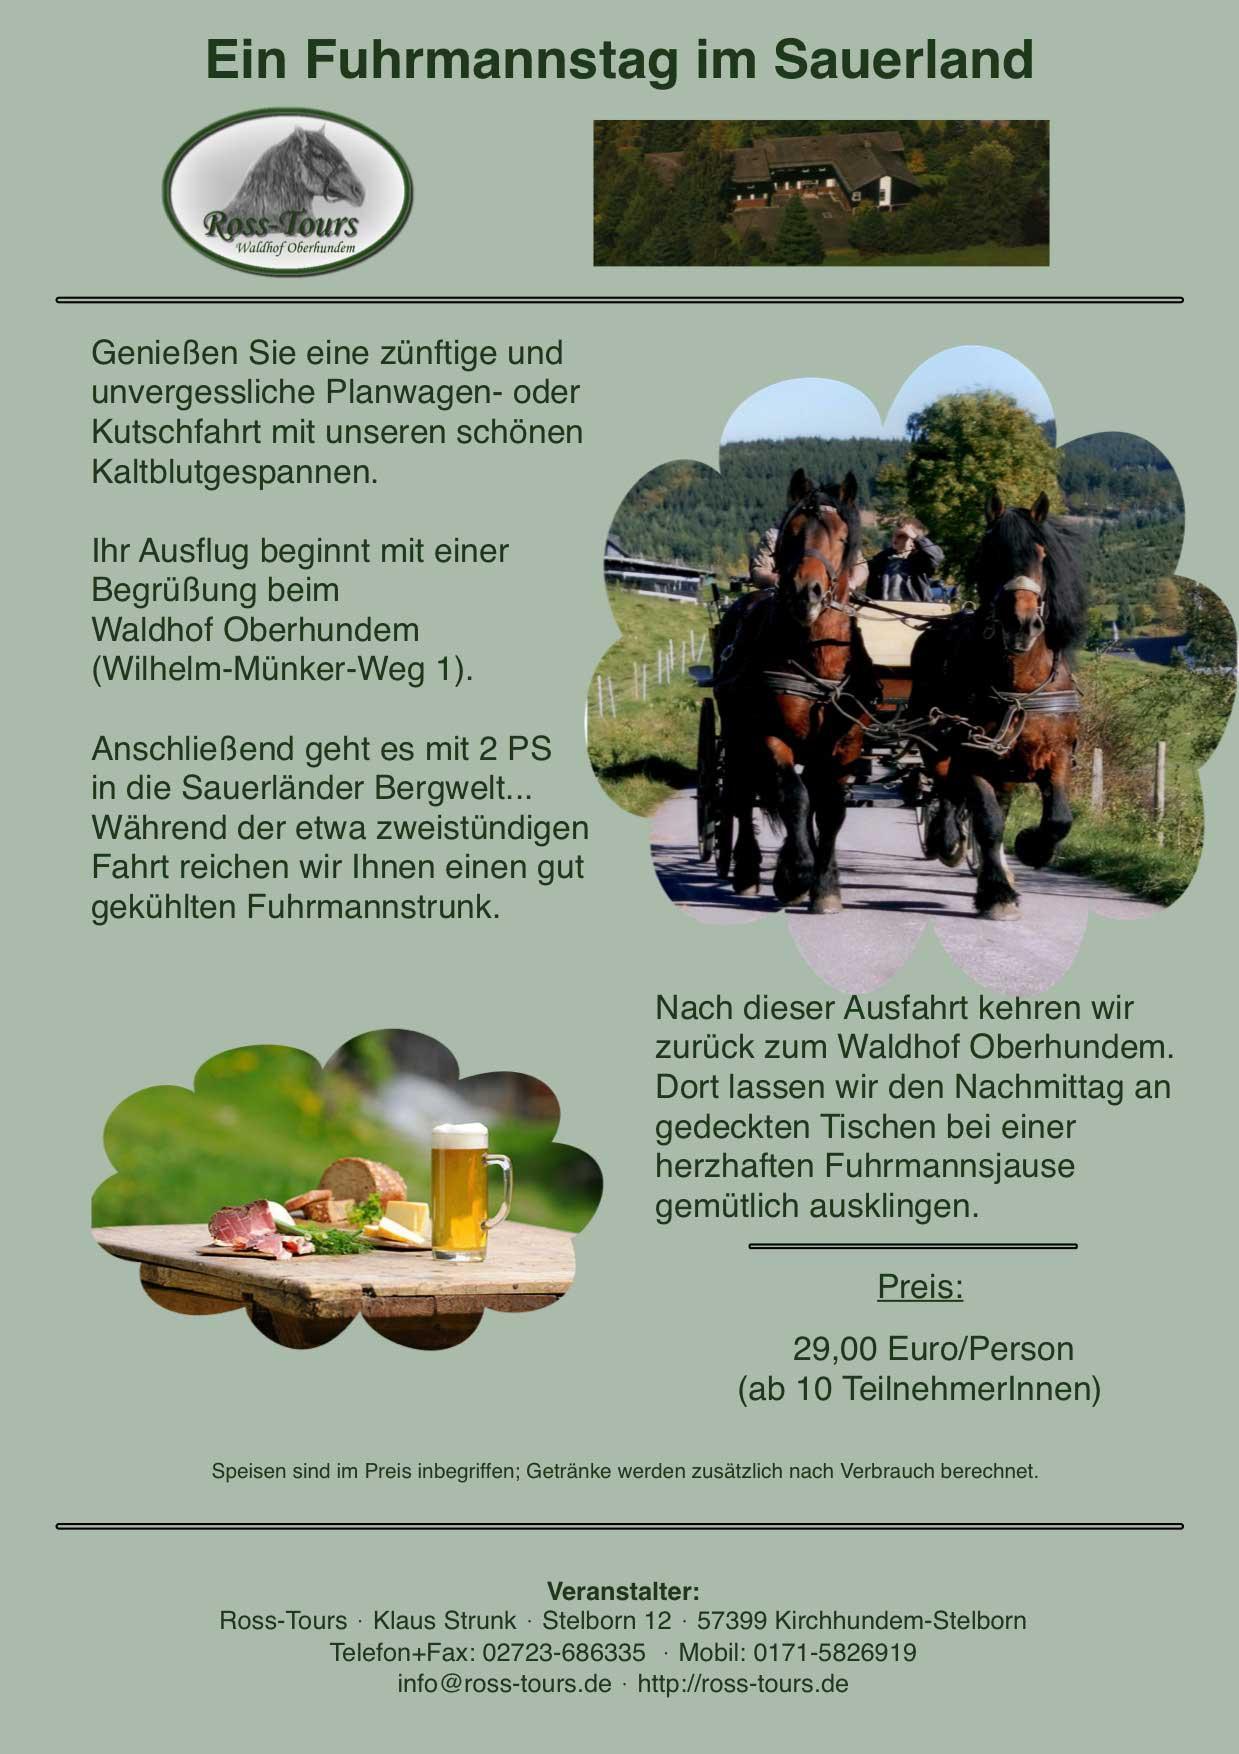 Fuhrmannstag im Sauerland